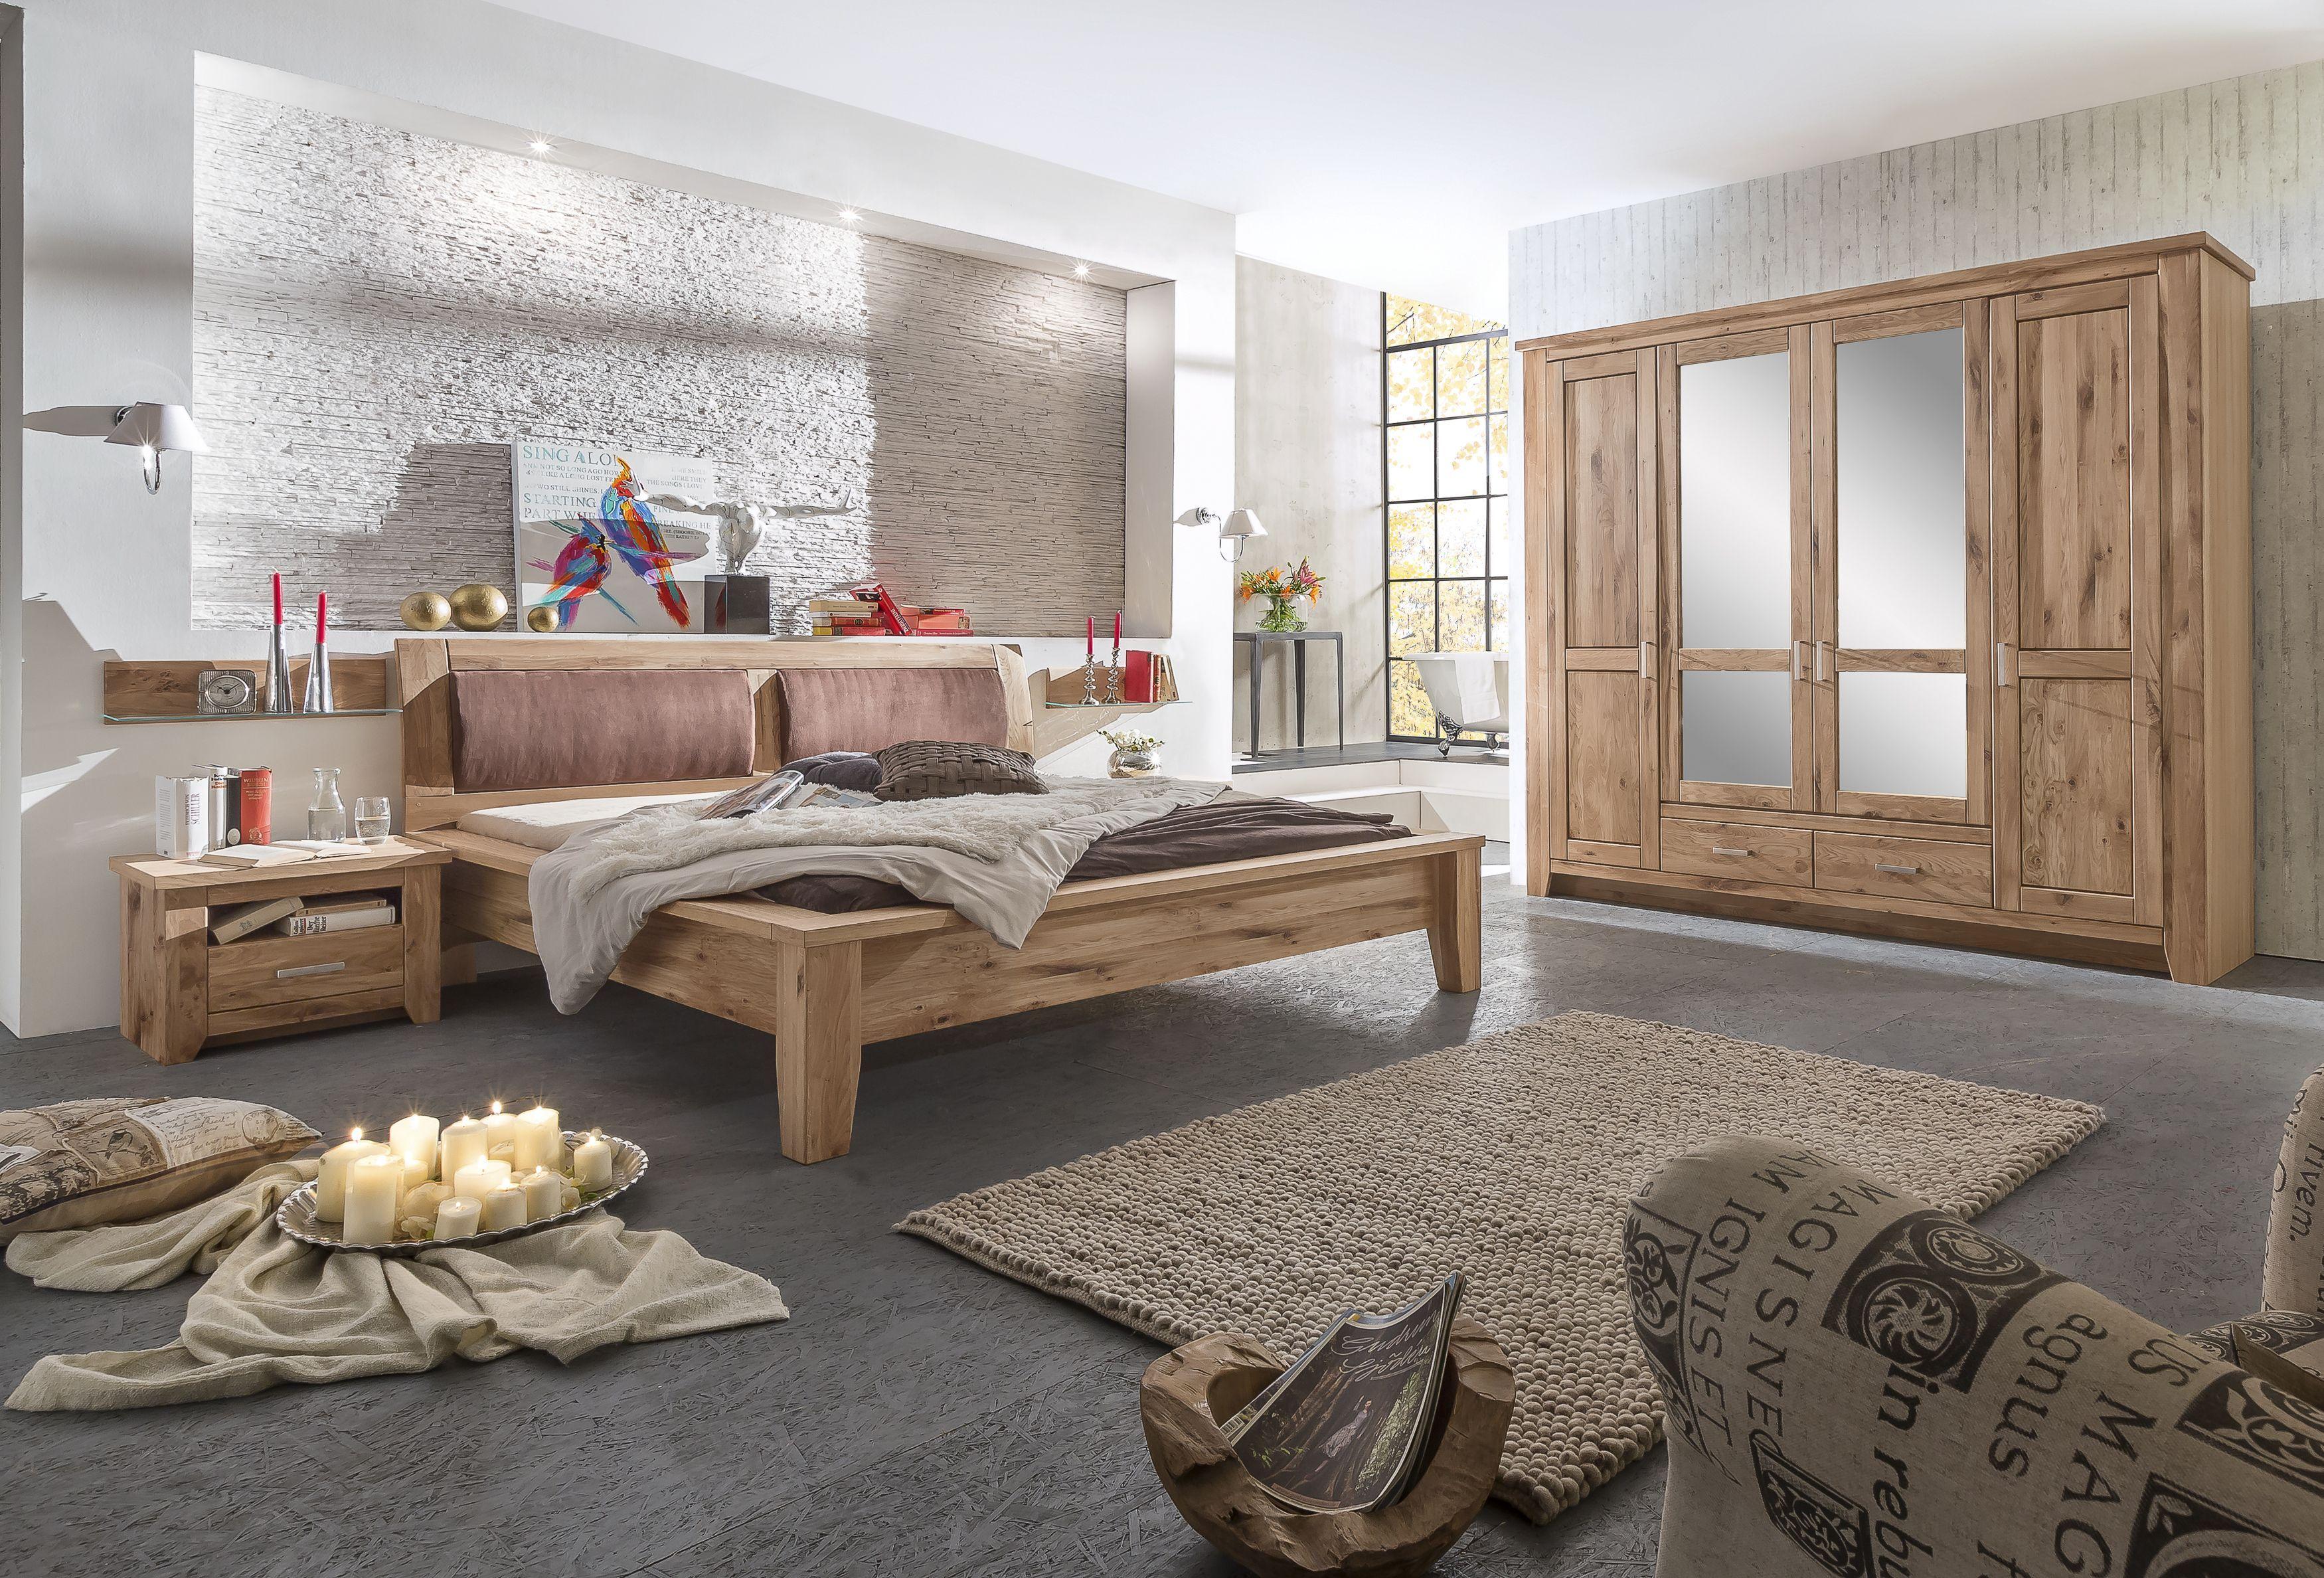 Schlafzimmer Mit Bett 180 X 200 Cm Asteiche Geölt